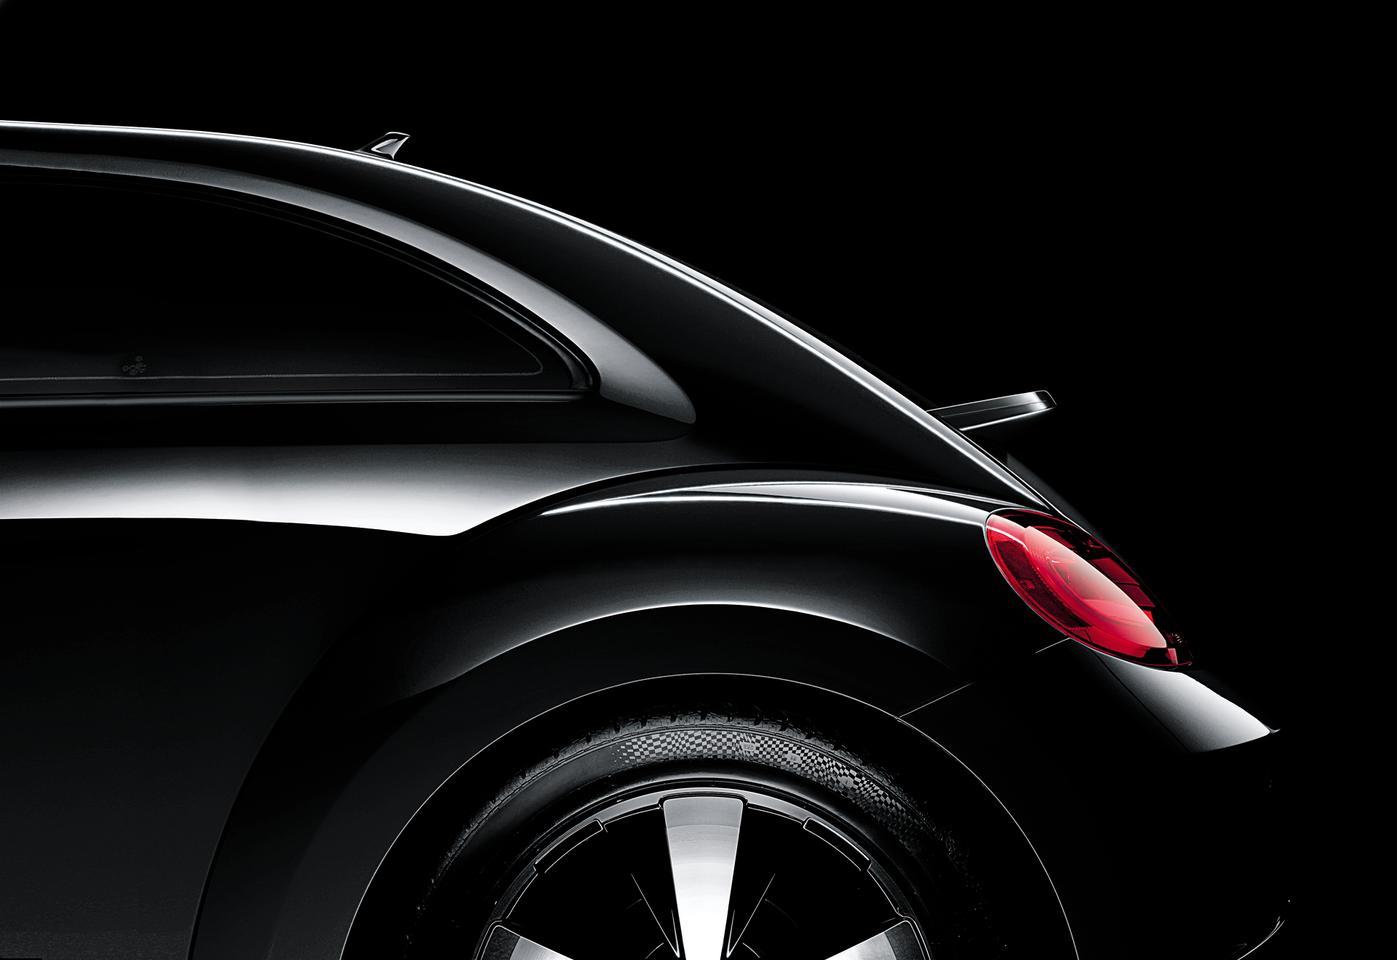 Volkswagen's third generation Beetle